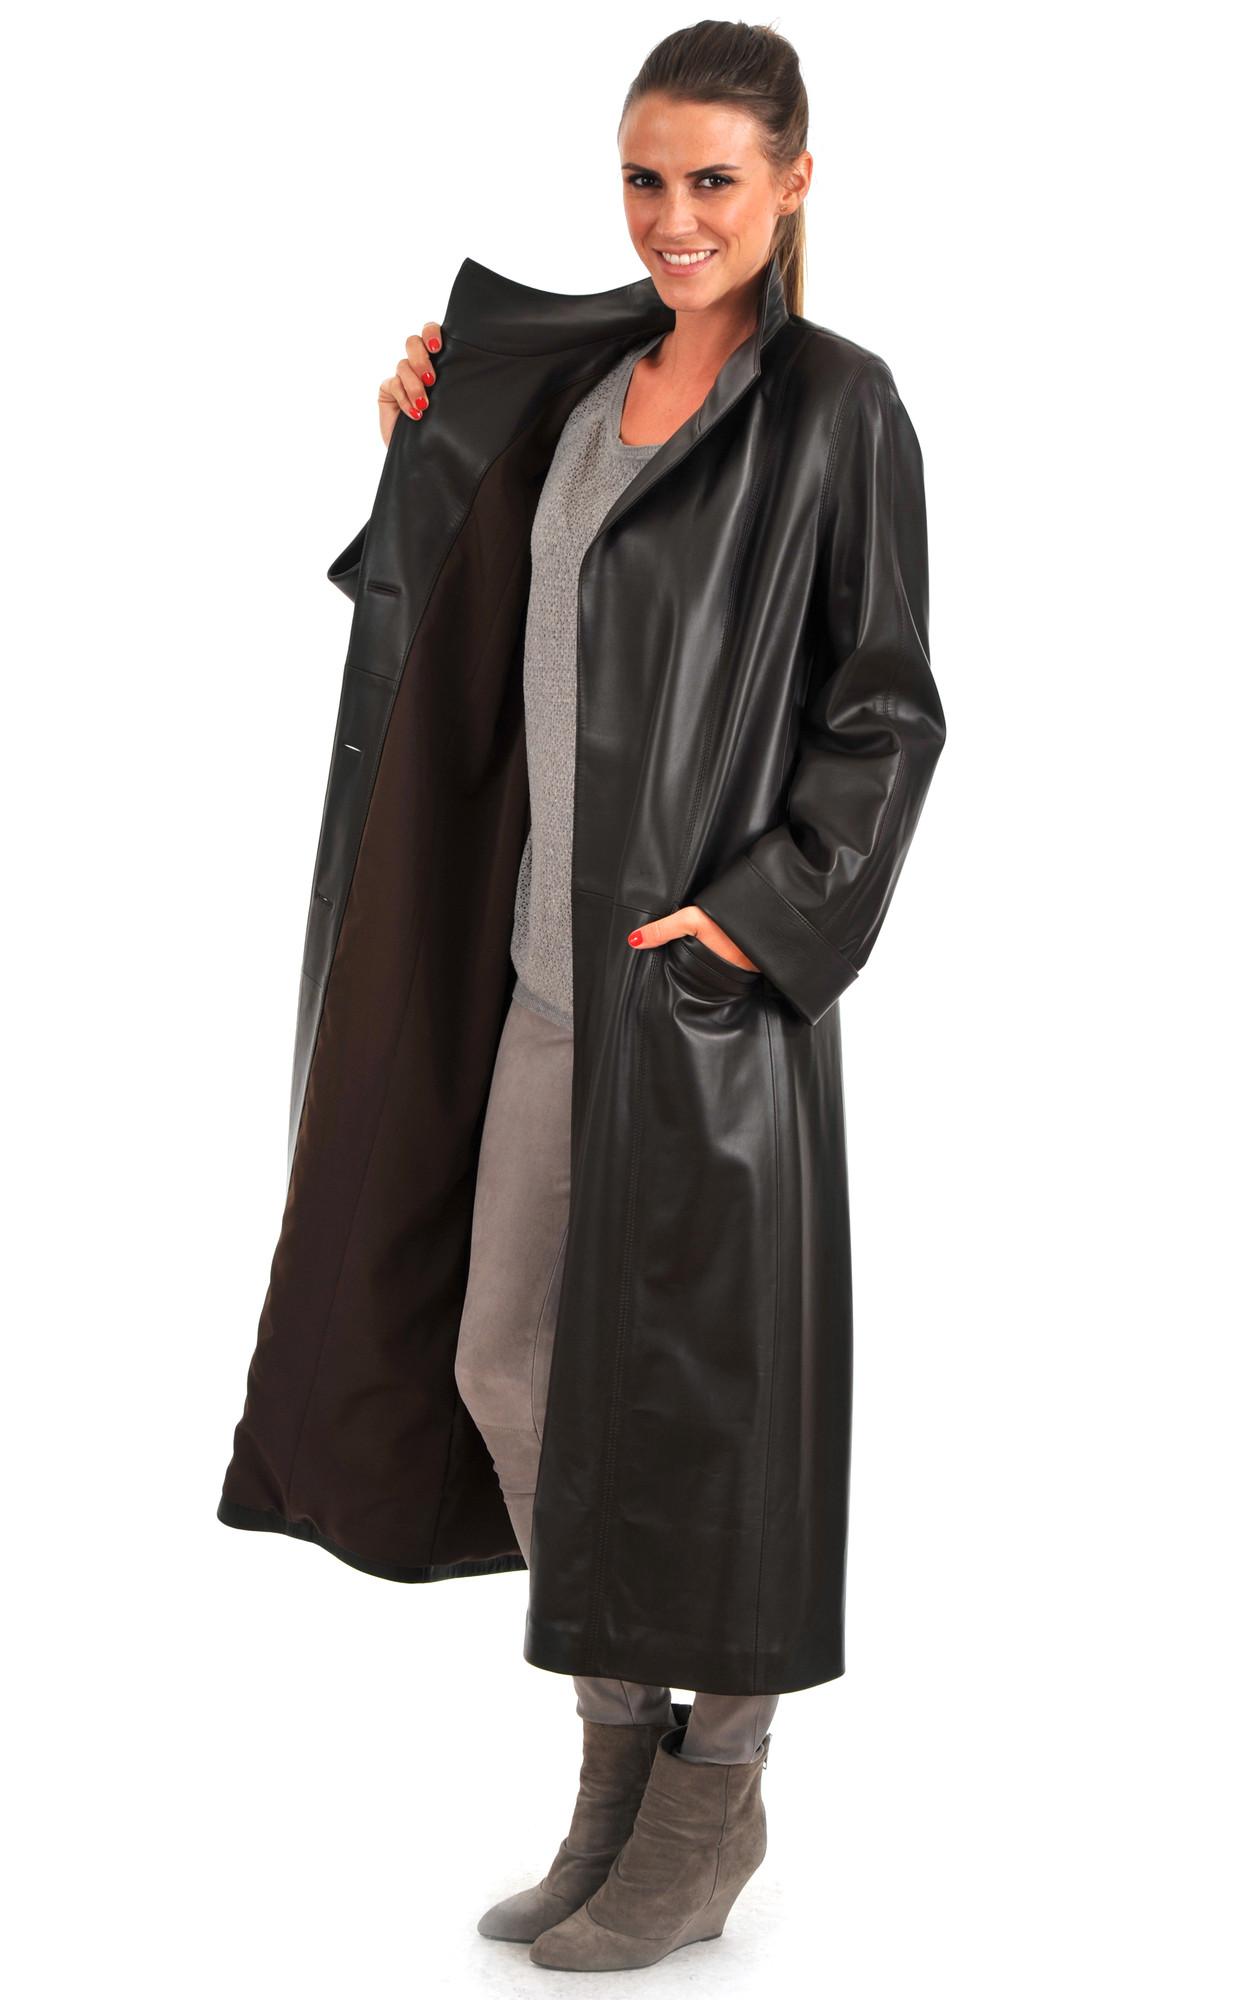 La plupart des manteaux de cuir sont faits de cuir d'agneau, un cuir doux et souple dit 'poreux'. Ils n'ont pas de couche de protection pouvant empêcher une teinture ou .